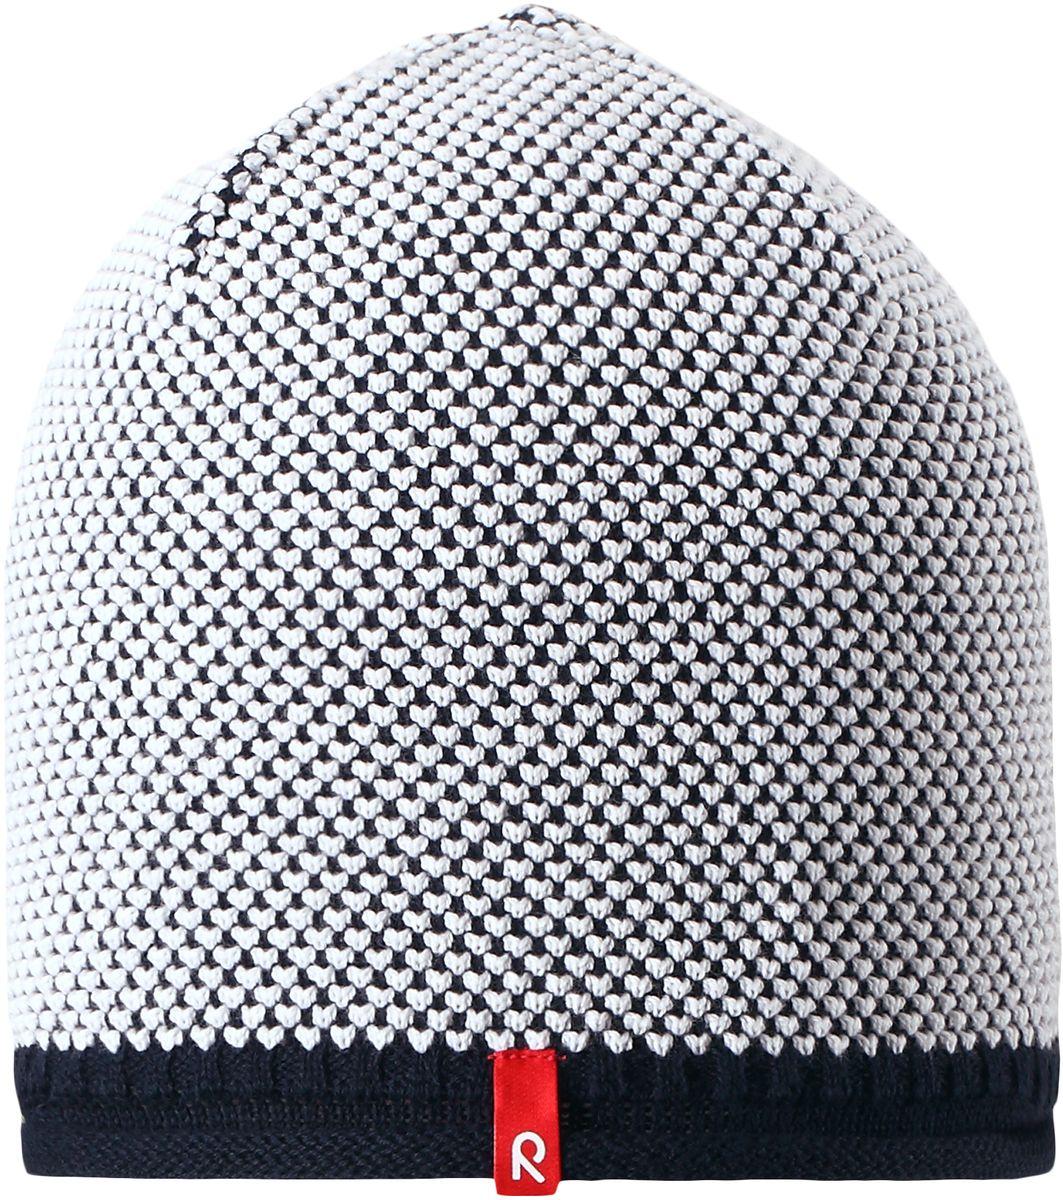 Шапка детская Reima Seilori, цвет: темно-синий. 5285296980. Размер 545285296980Яркая детская шапка станет превосходным выбором в межсезонье, в ней можно и поиграть во дворе, и прогуляться по городу. Изготовлена из мягкого и комфортного вязаного хлопка. Эта симпатичная облегченная модель без подкладки идеально подходит для солнечной погоды. Модный вязаный узор.